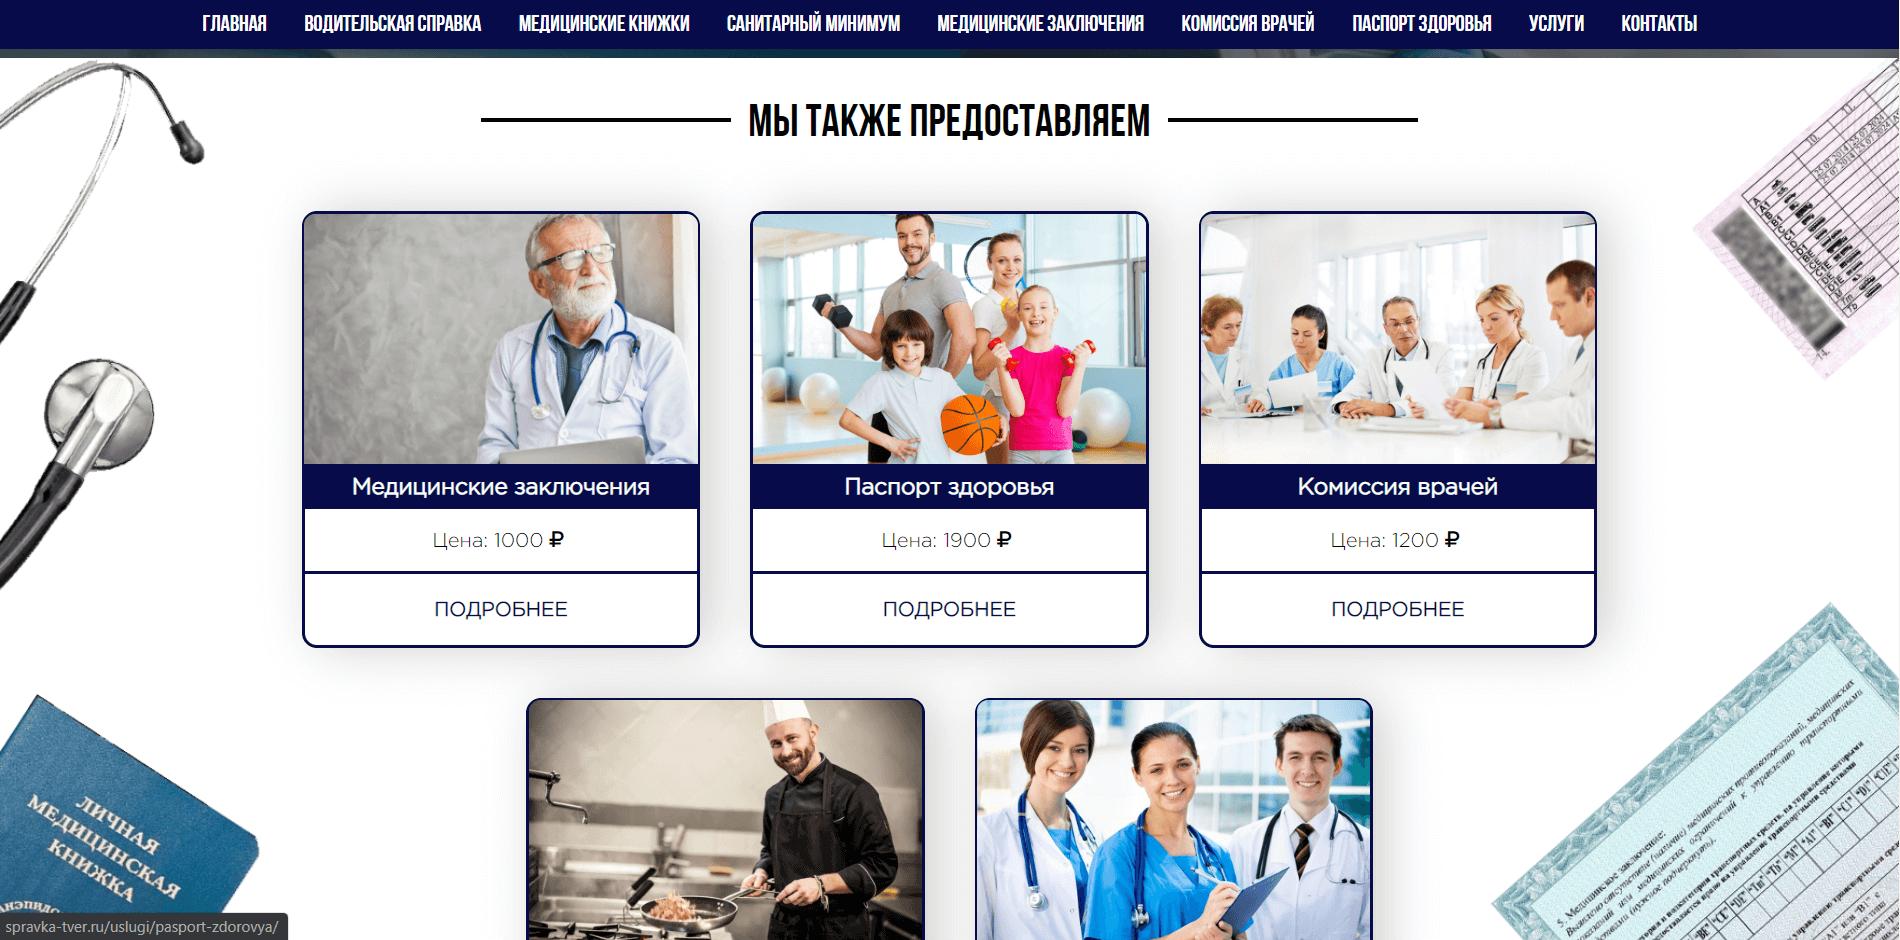 Создание сайта справка управляющие компании белгород официальный сайт